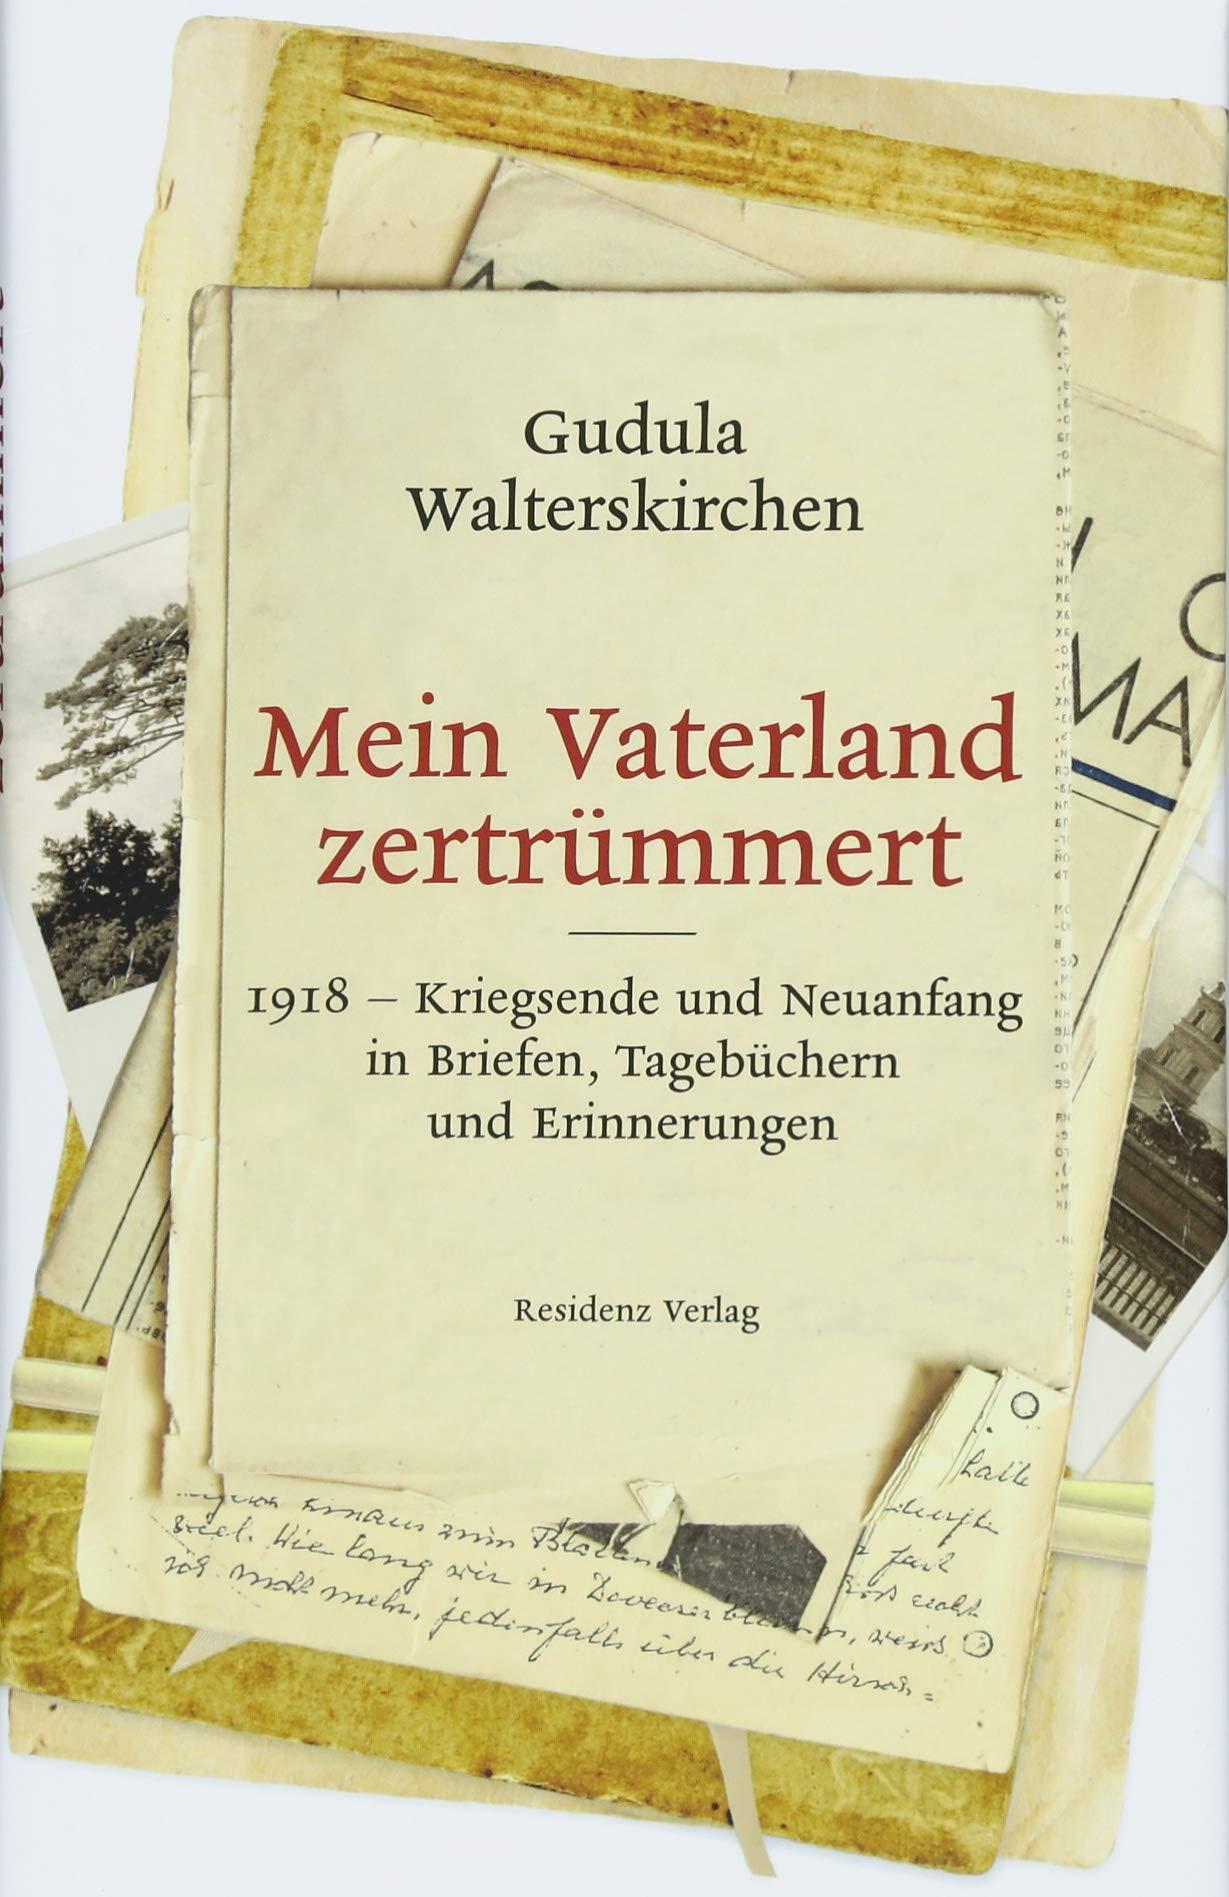 Mein Vaterland zertrümmert: 1918-Kriegsende und Neuanfang in Briefen, Tagbüchern und Erinnerungen